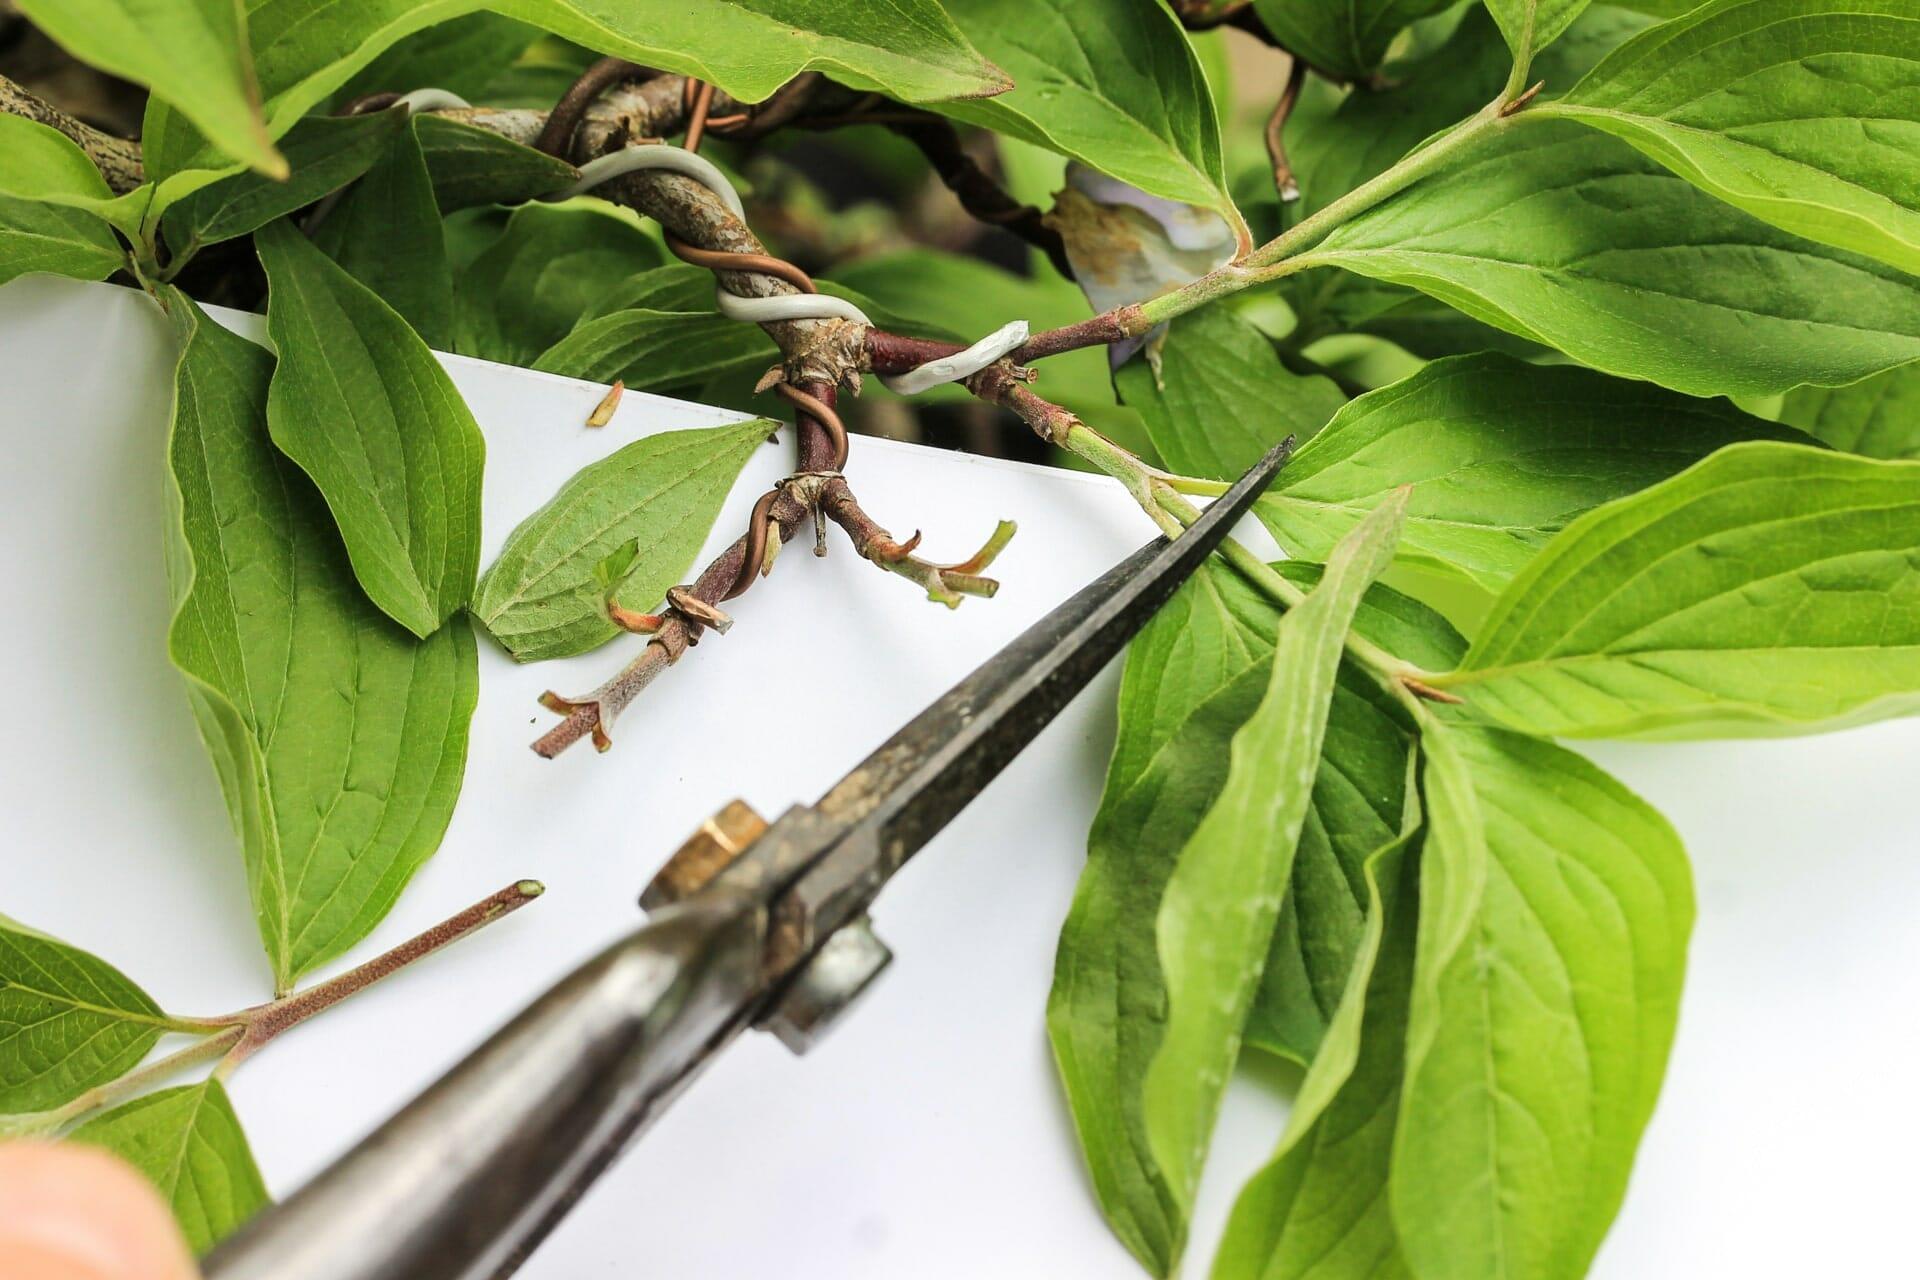 Bonsai Blattschnitt bei einer Kornelkirsche: Entlauben um die Blattgröße zu reduzieren Abbildung 4